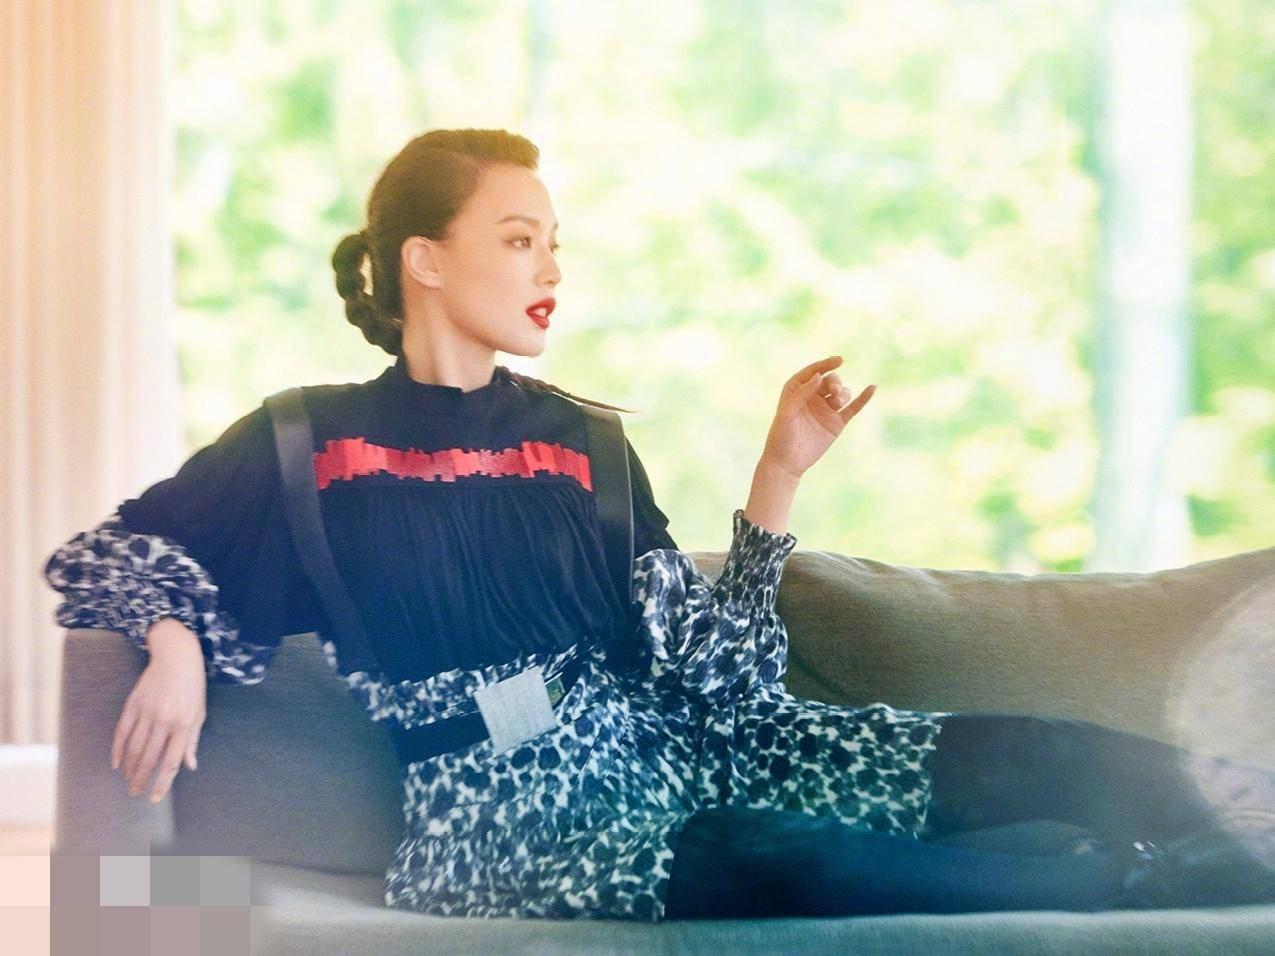 VZN News: Thư Kỳ gây sốc với phát ngôn về tình bạn showbiz, nghe xong ai cũng phải nhìn nhận lại làng giải trí phức tạp - Ảnh 3.